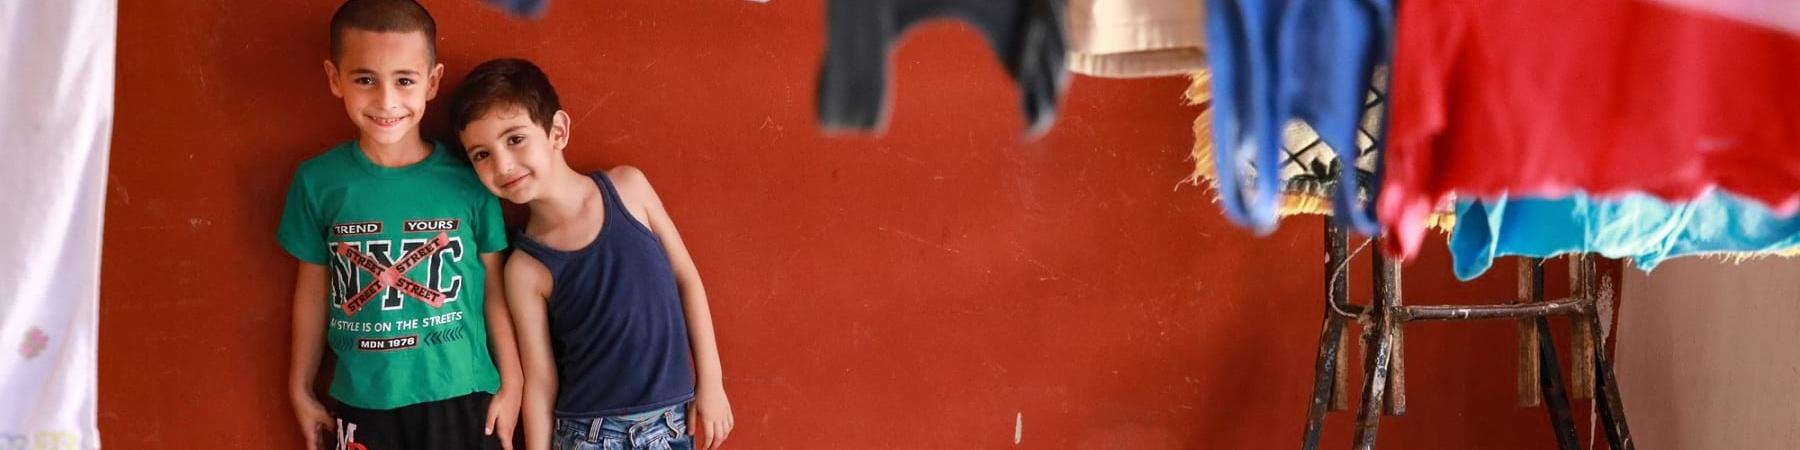 due bambini ripresi in lontananza all interno di una stanza con le pareti rosse sono appoggiati al muro uno a fianco dell altro. davanti a loro i panni stesi.